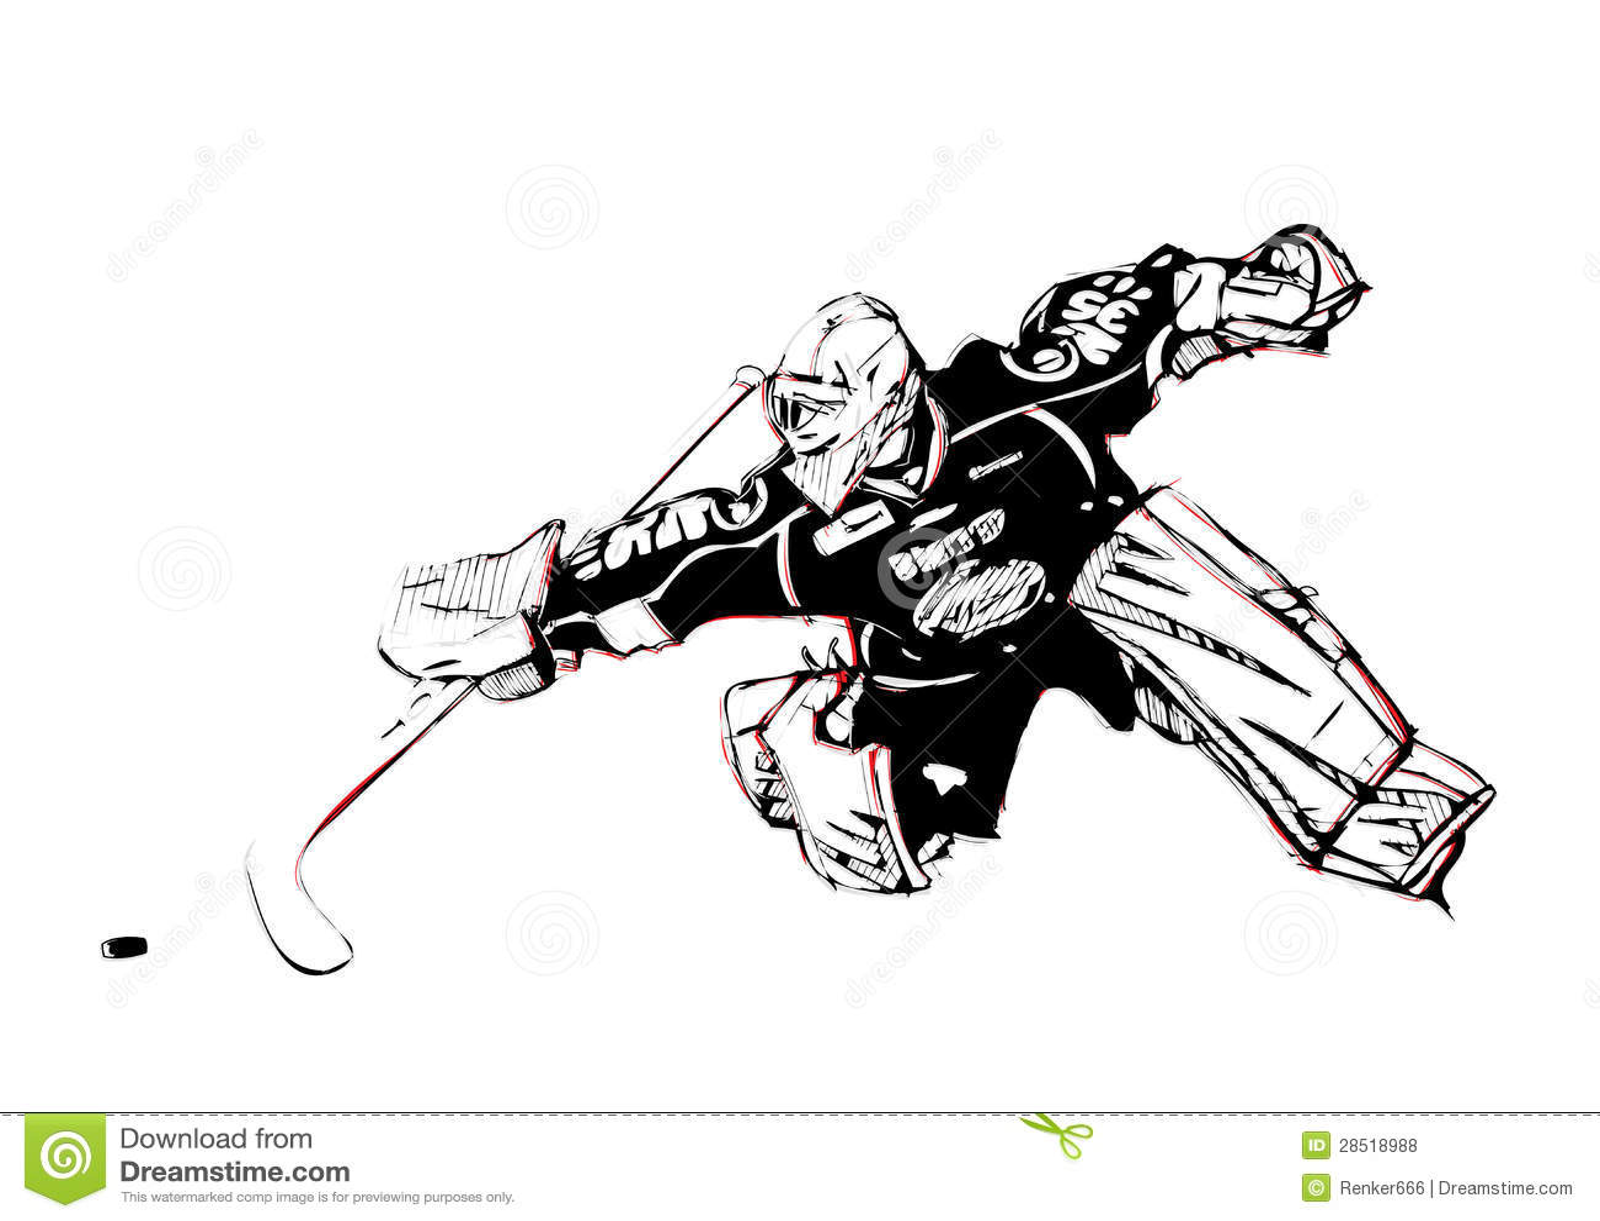 Ishockeymålvakt